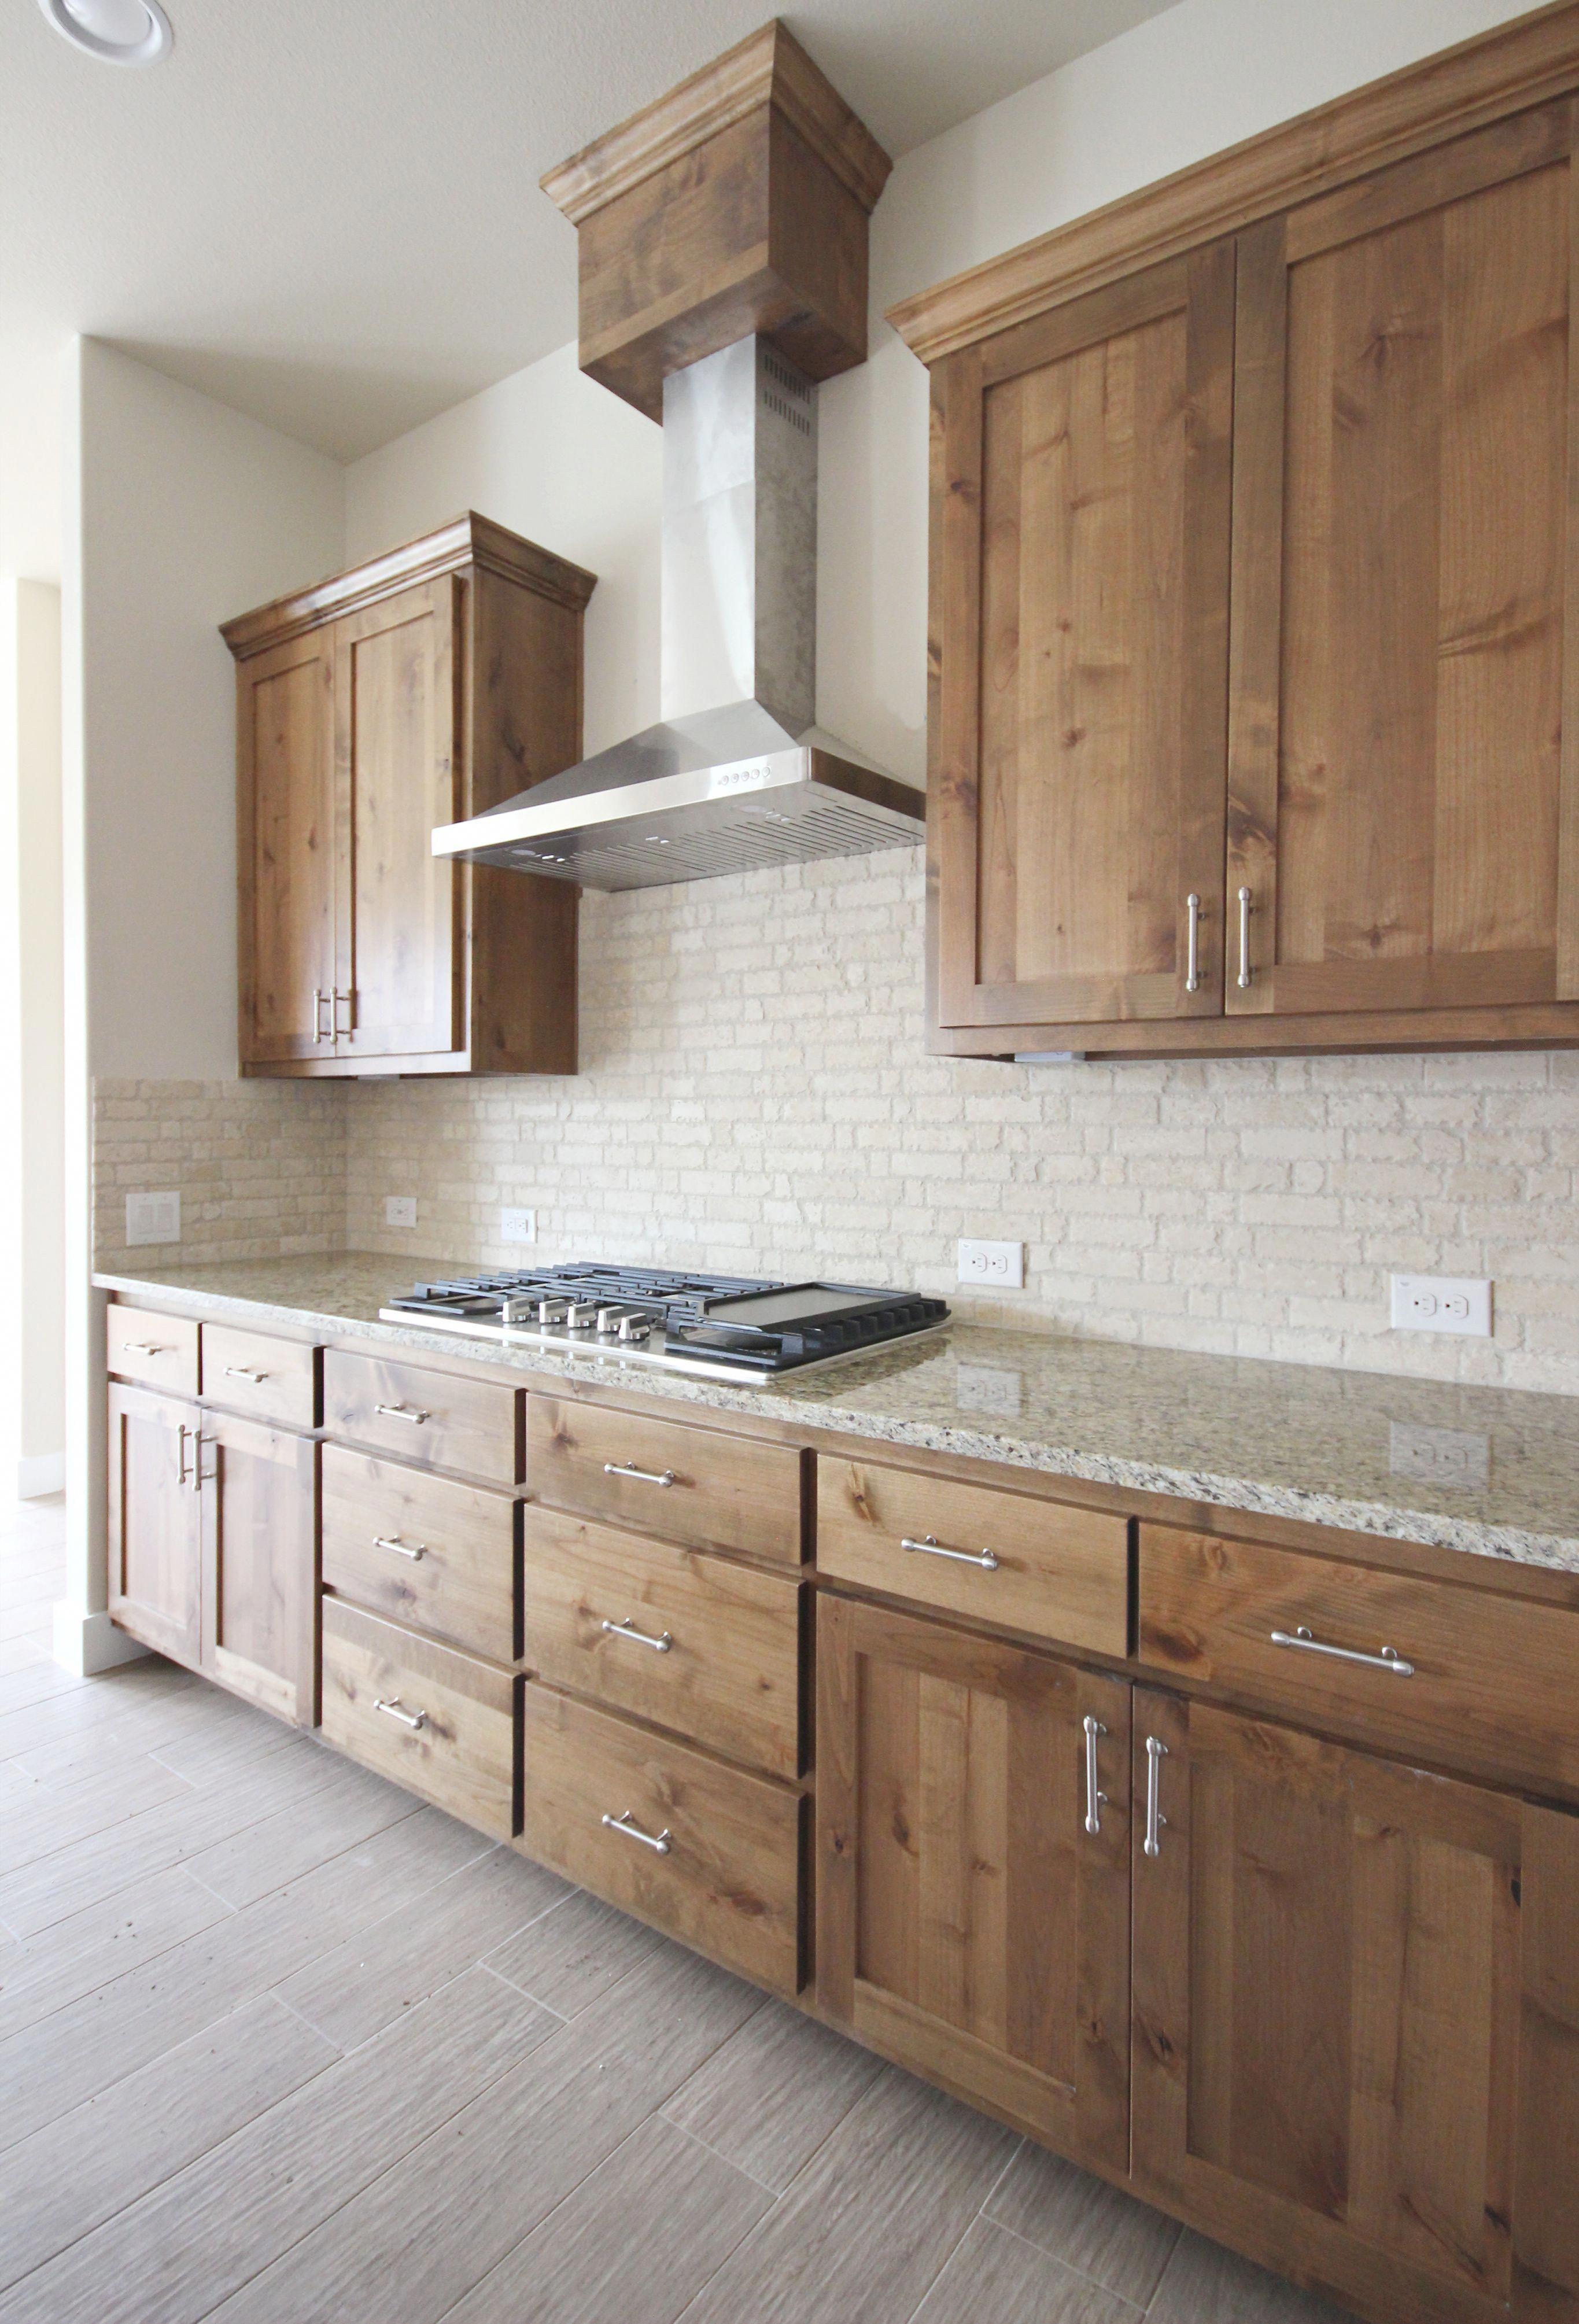 Modern Kitchen With Wood Knotty Alder Cabinetry Galleykitchen In 2020 Alder Kitchen Cabinets Rustic Modern Kitchen Rustic Kitchen